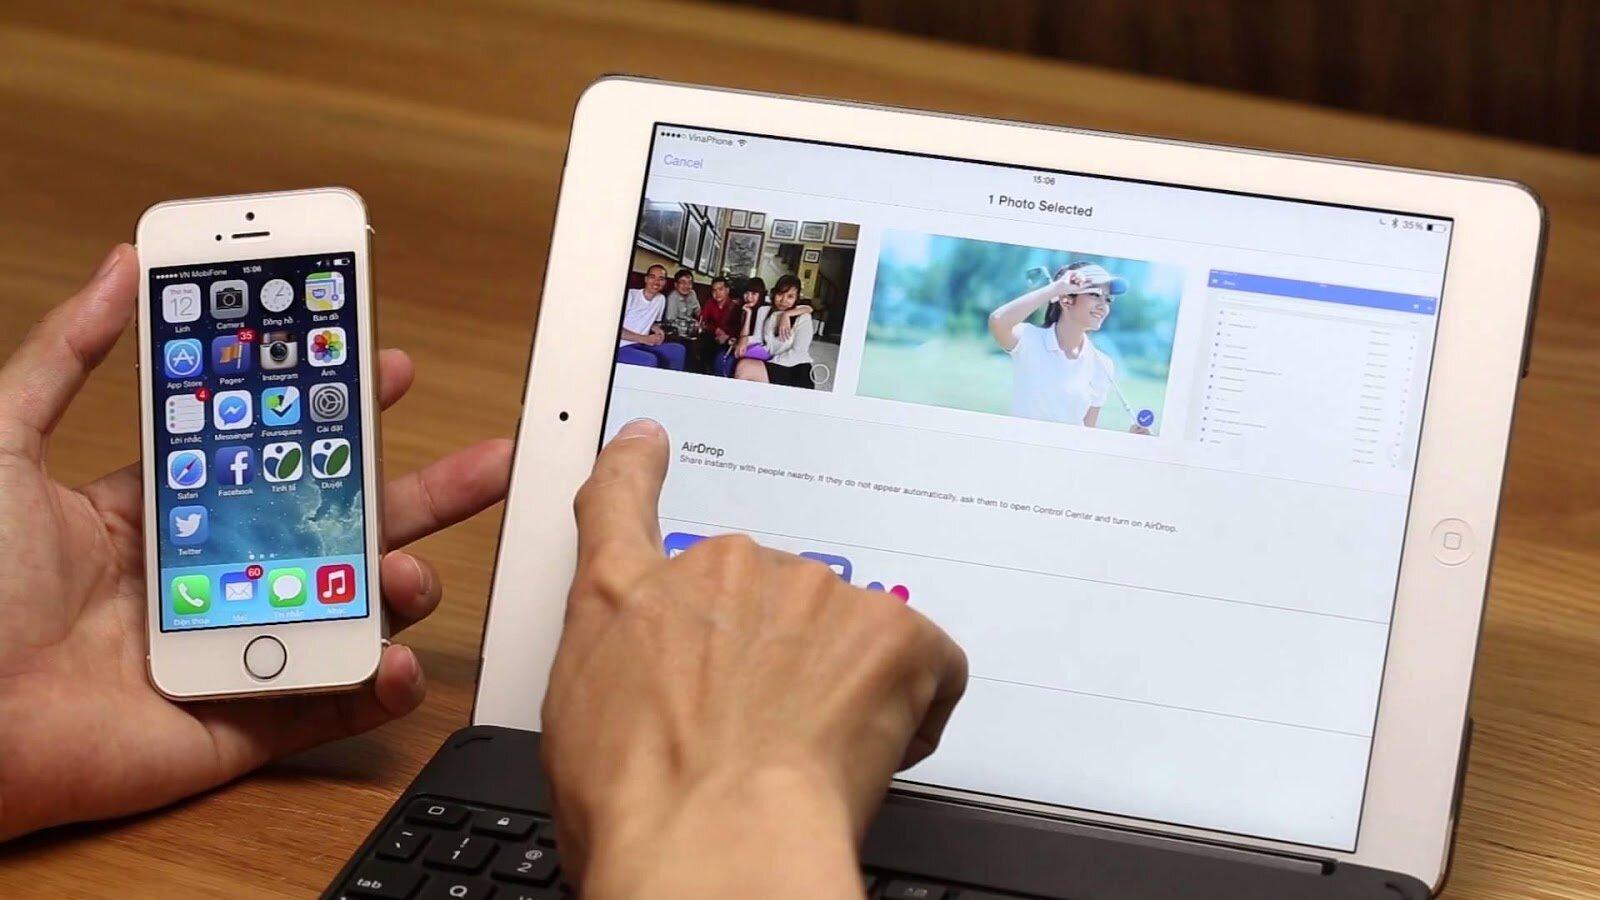 Chia sẻ hình ảnh, video dễ dàng từ tính năng Airdrop của Apple trên iPad